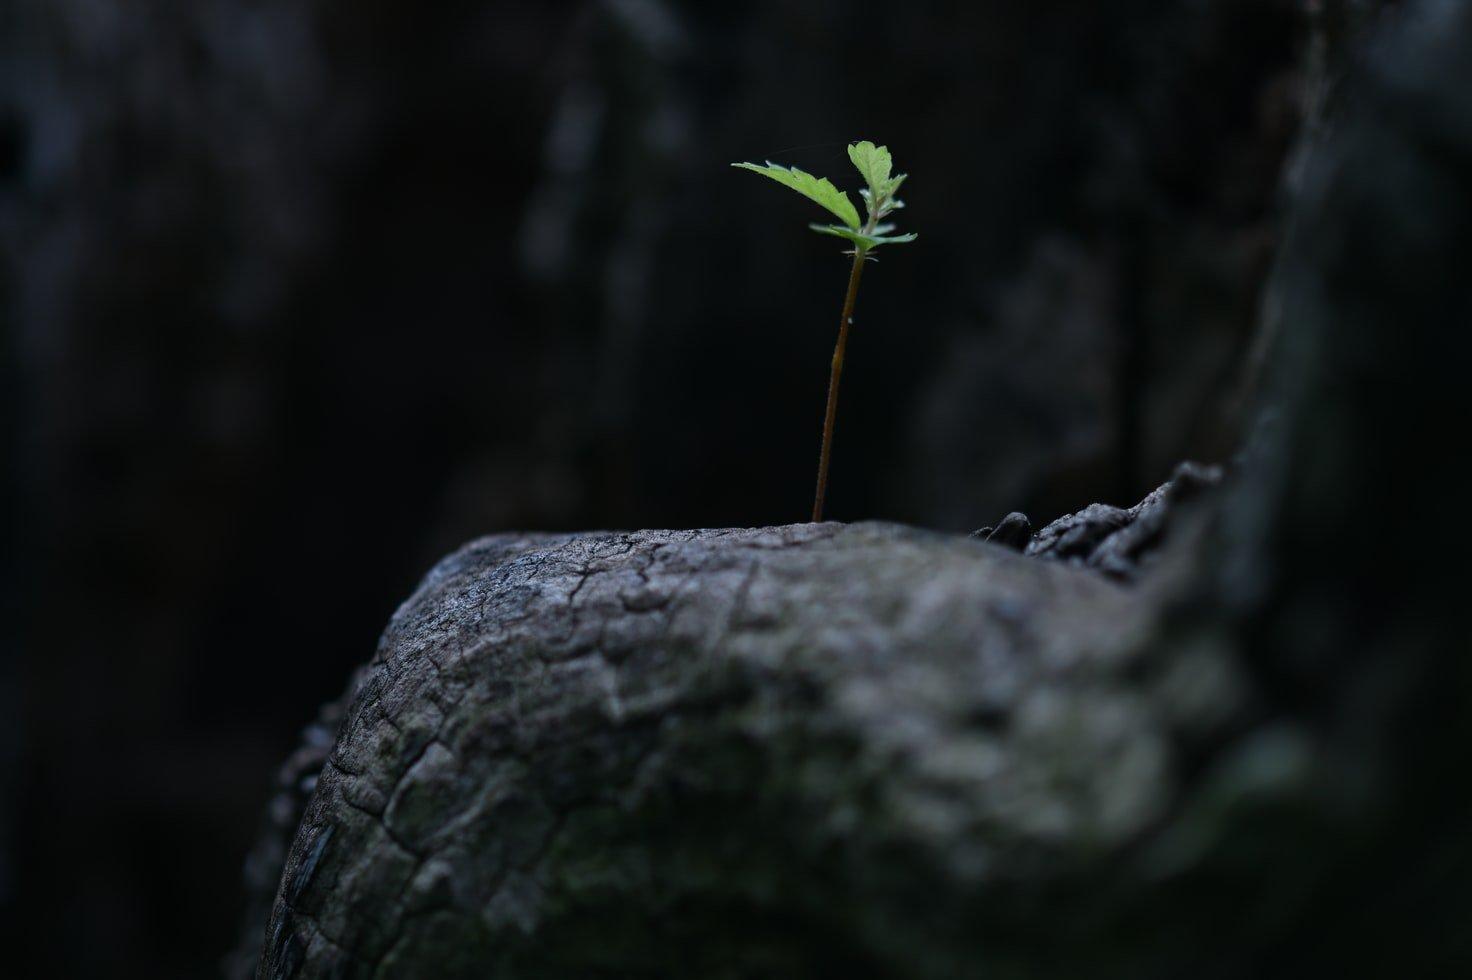 plantje-groei